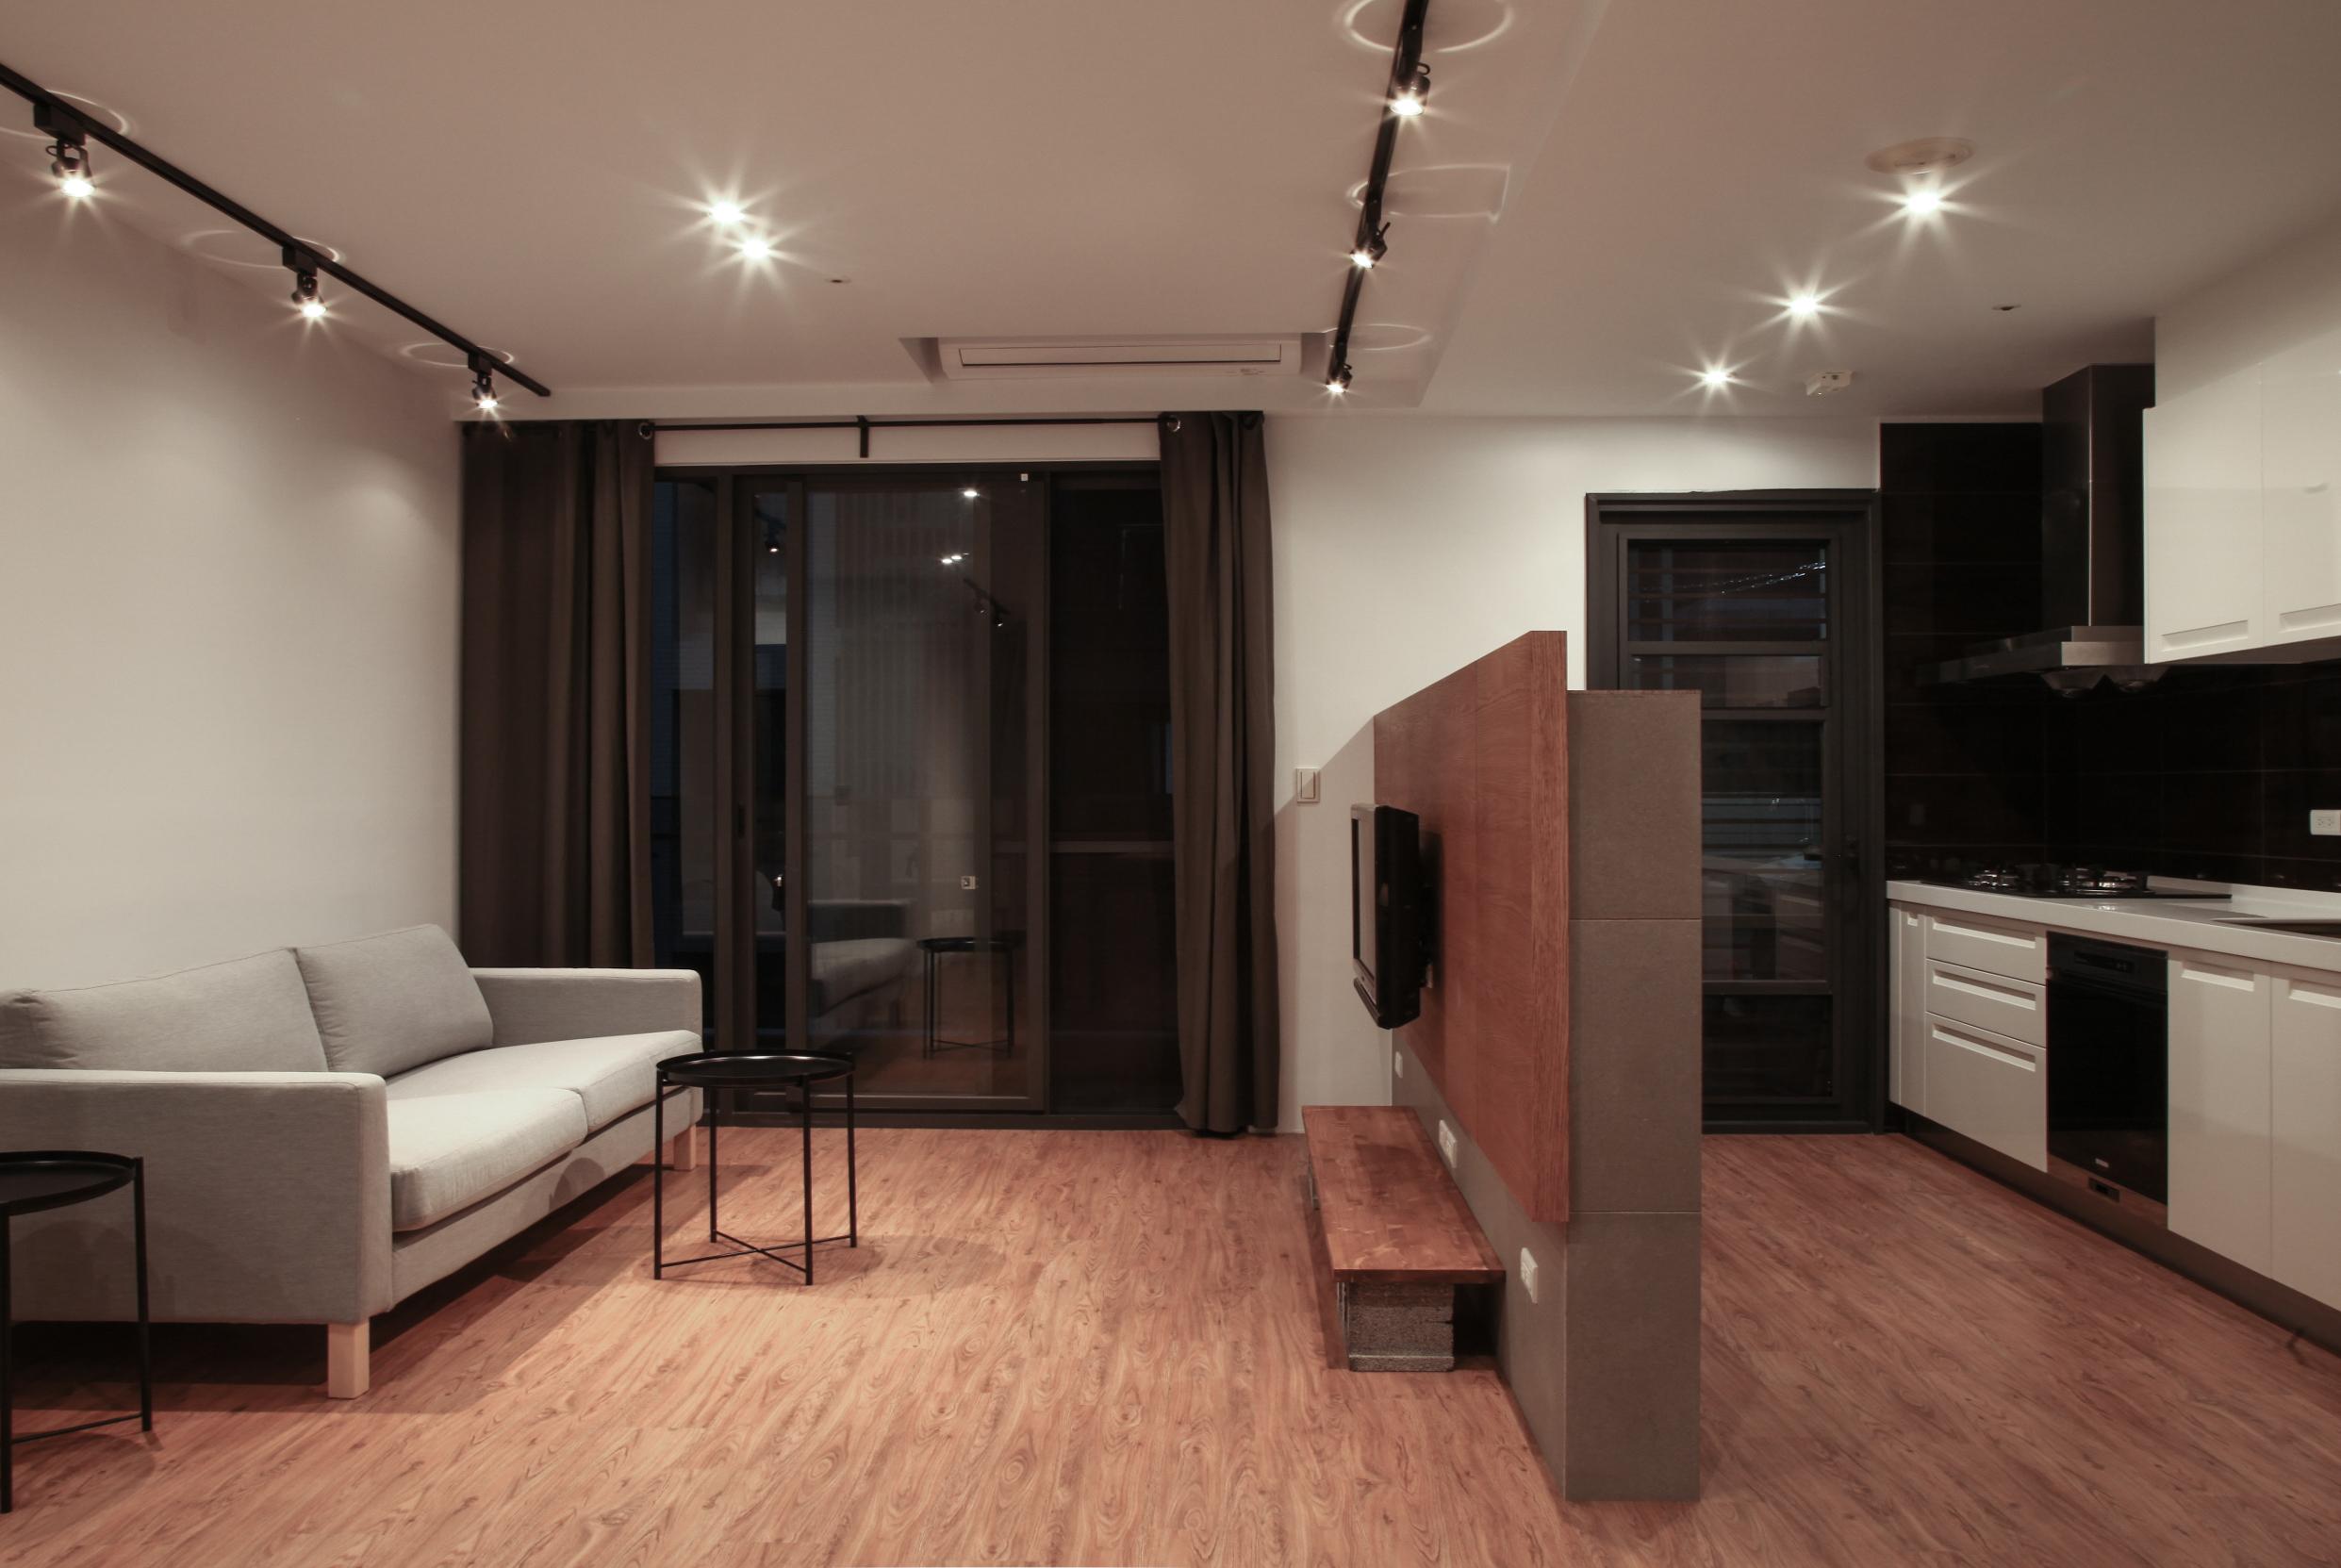 青埔A19站太睿泰極 高樓層 兩房兩廳兩衛含車位 全新裝潢 全新家具家電 一卡皮箱即可入住